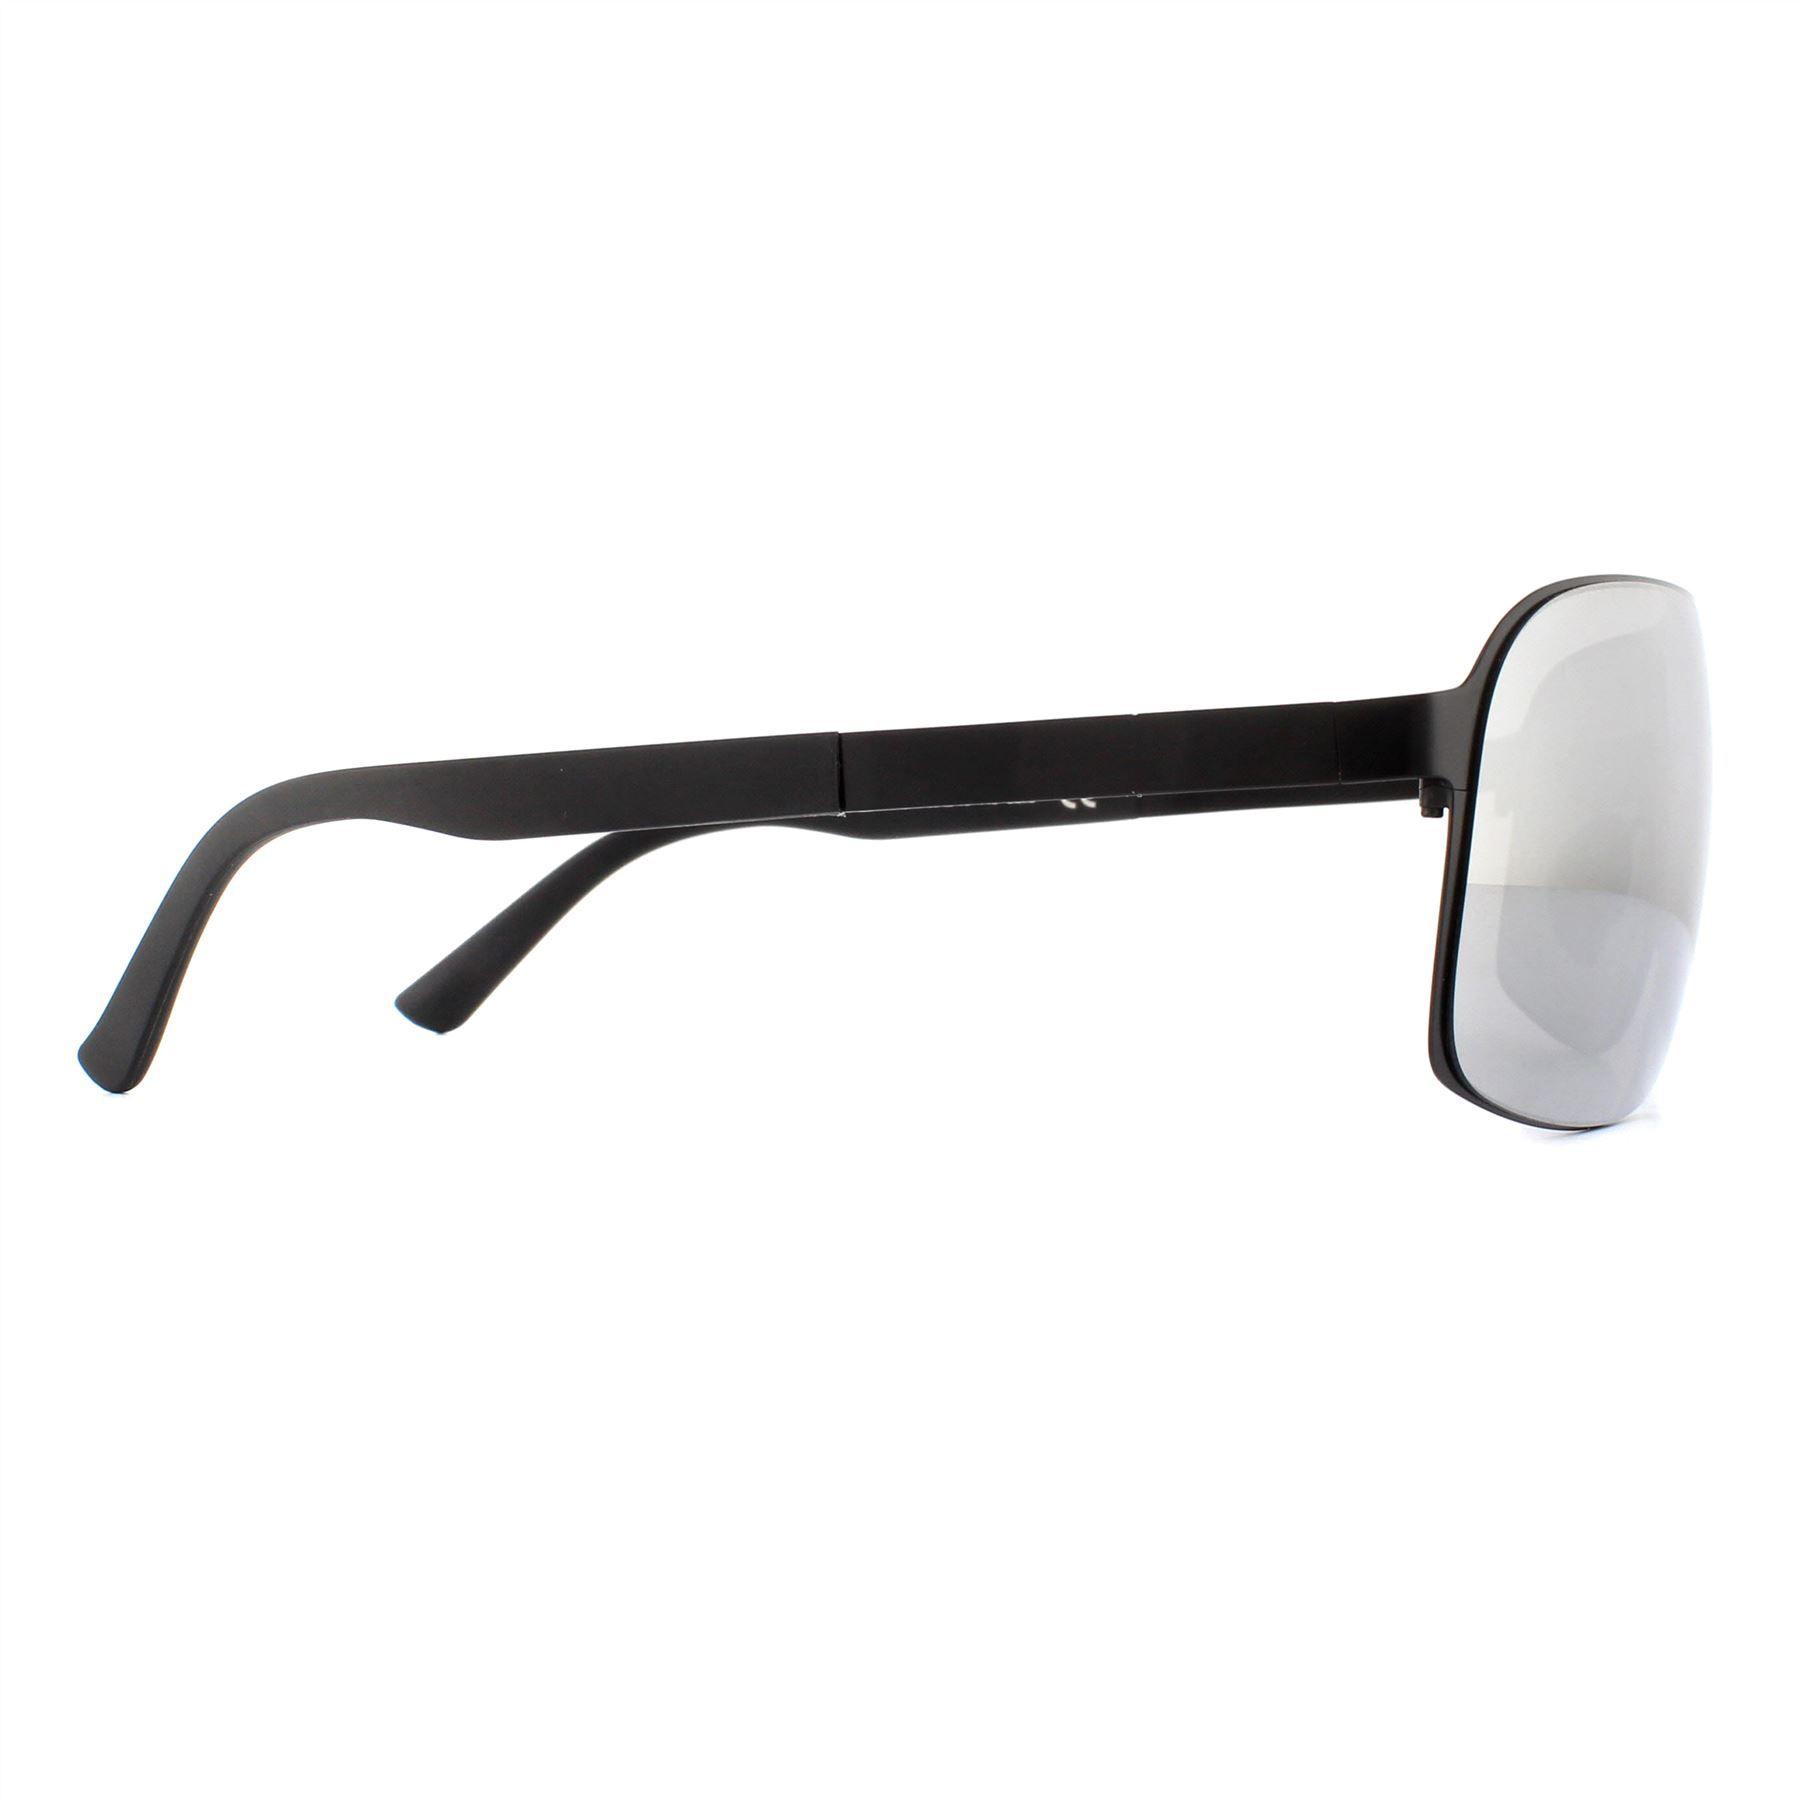 Porsche Design Sunglasses P8579 B Black Mercury Silver Mirror